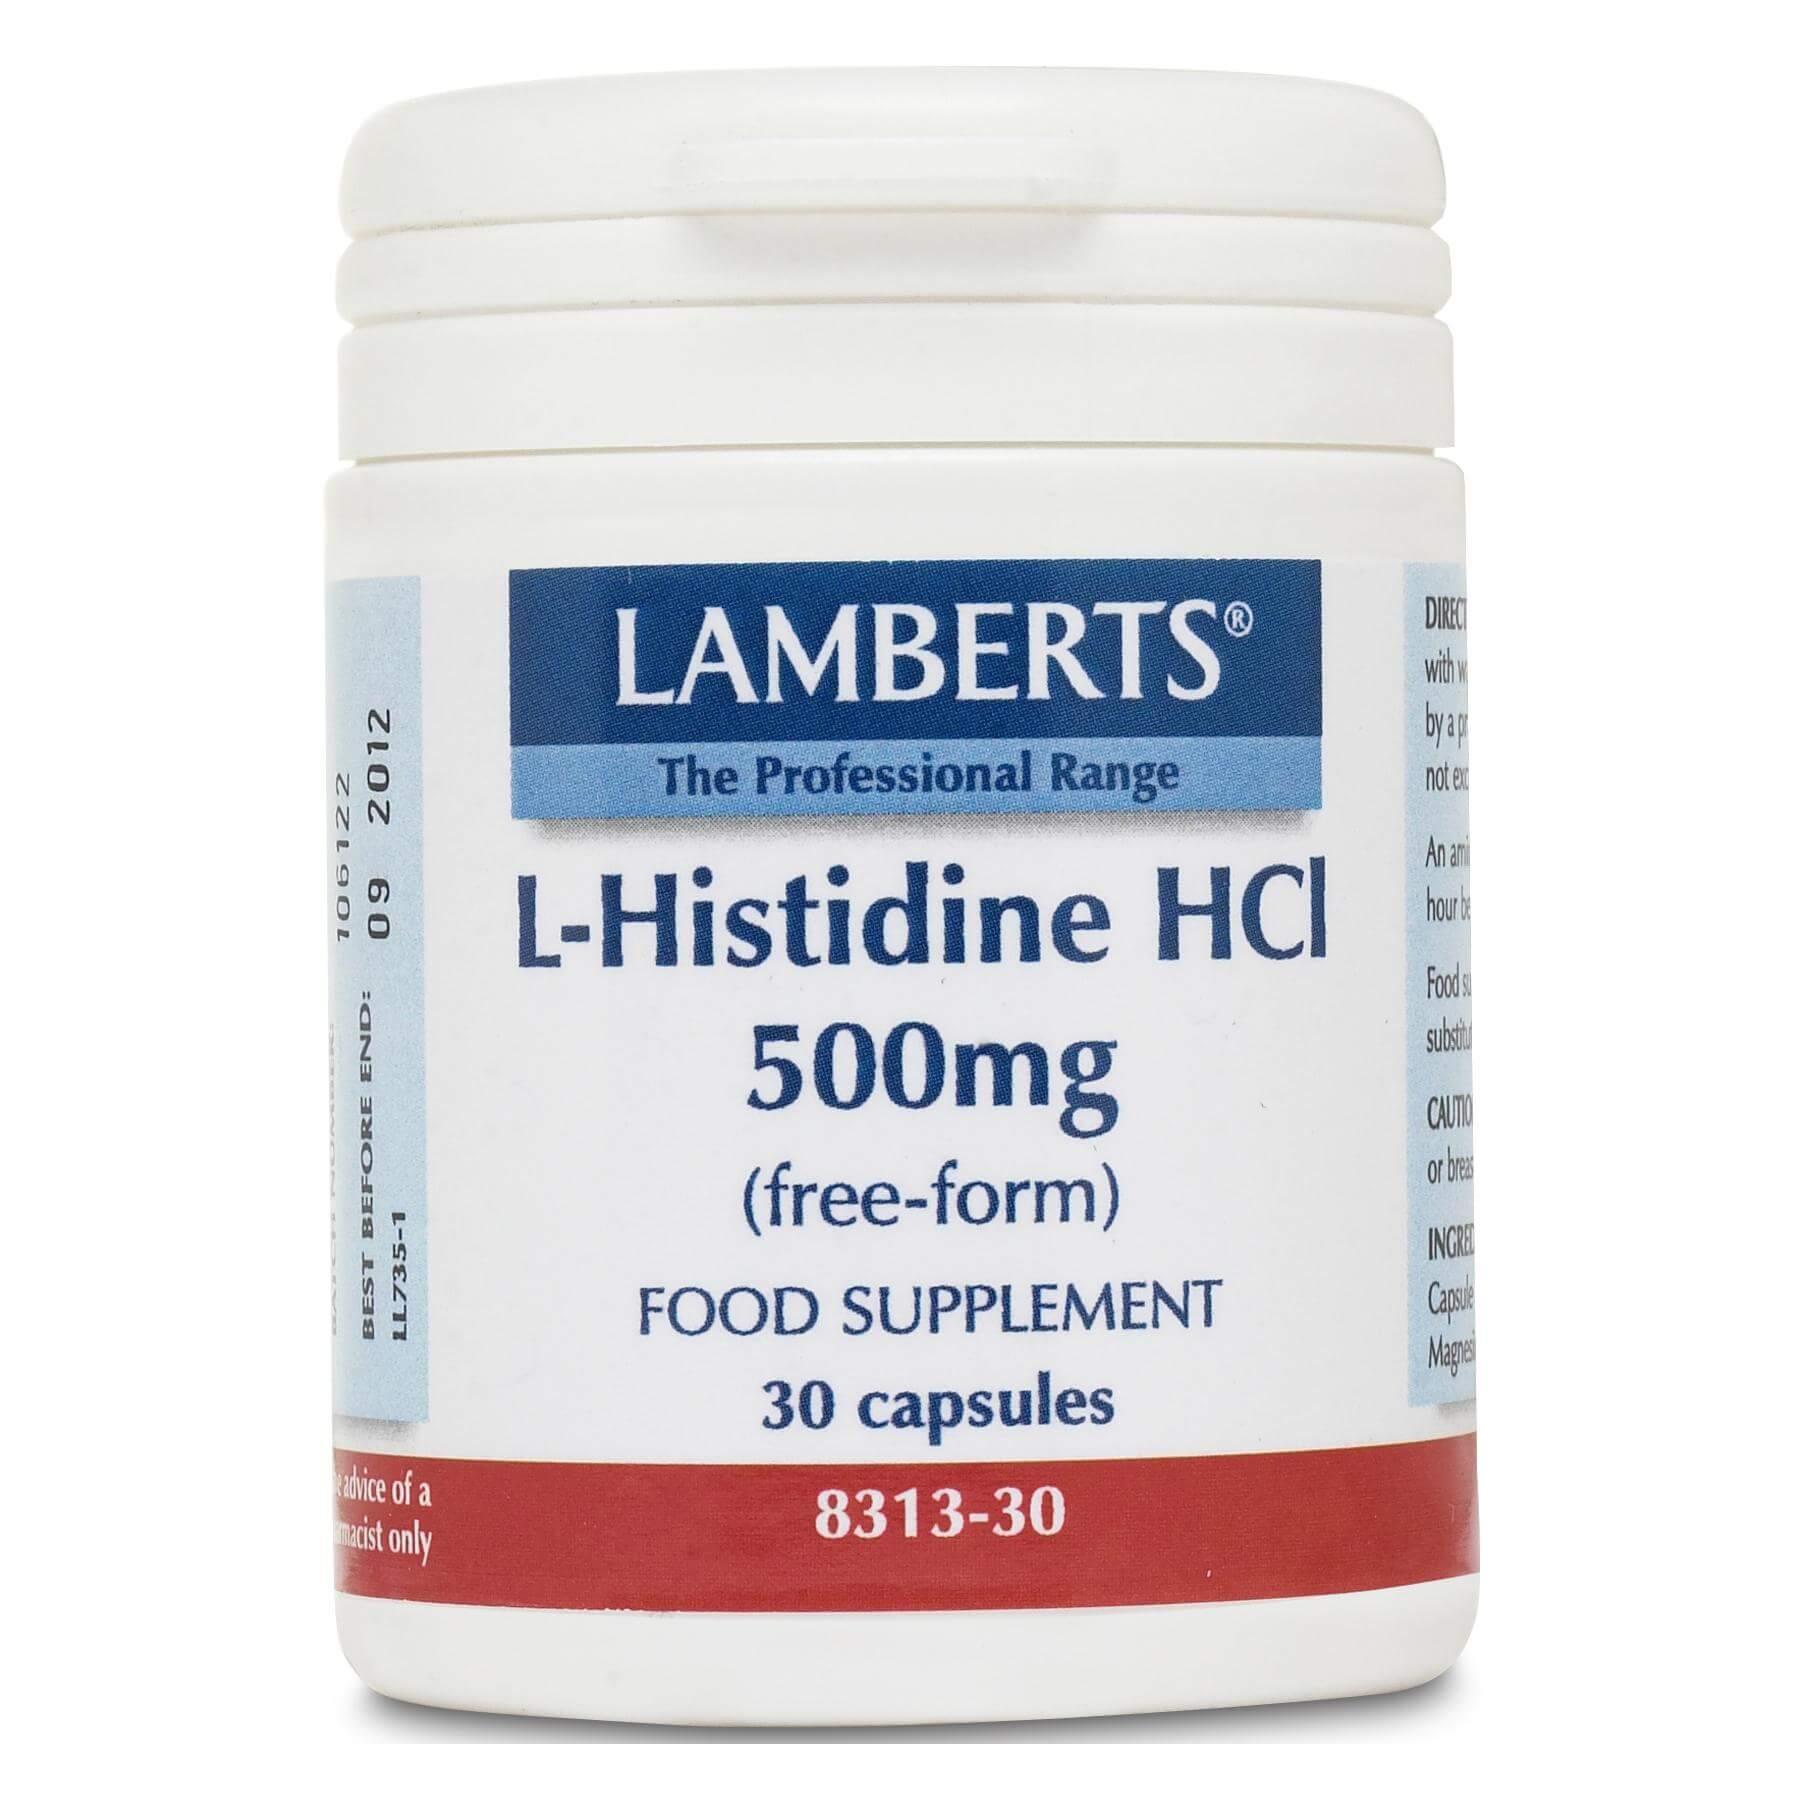 Lamberts L-Histidine HCI Συμπλήρωμα Διατροφής με Ιστιδίνη Ελεύθερης Μορφής 500mg 30caps